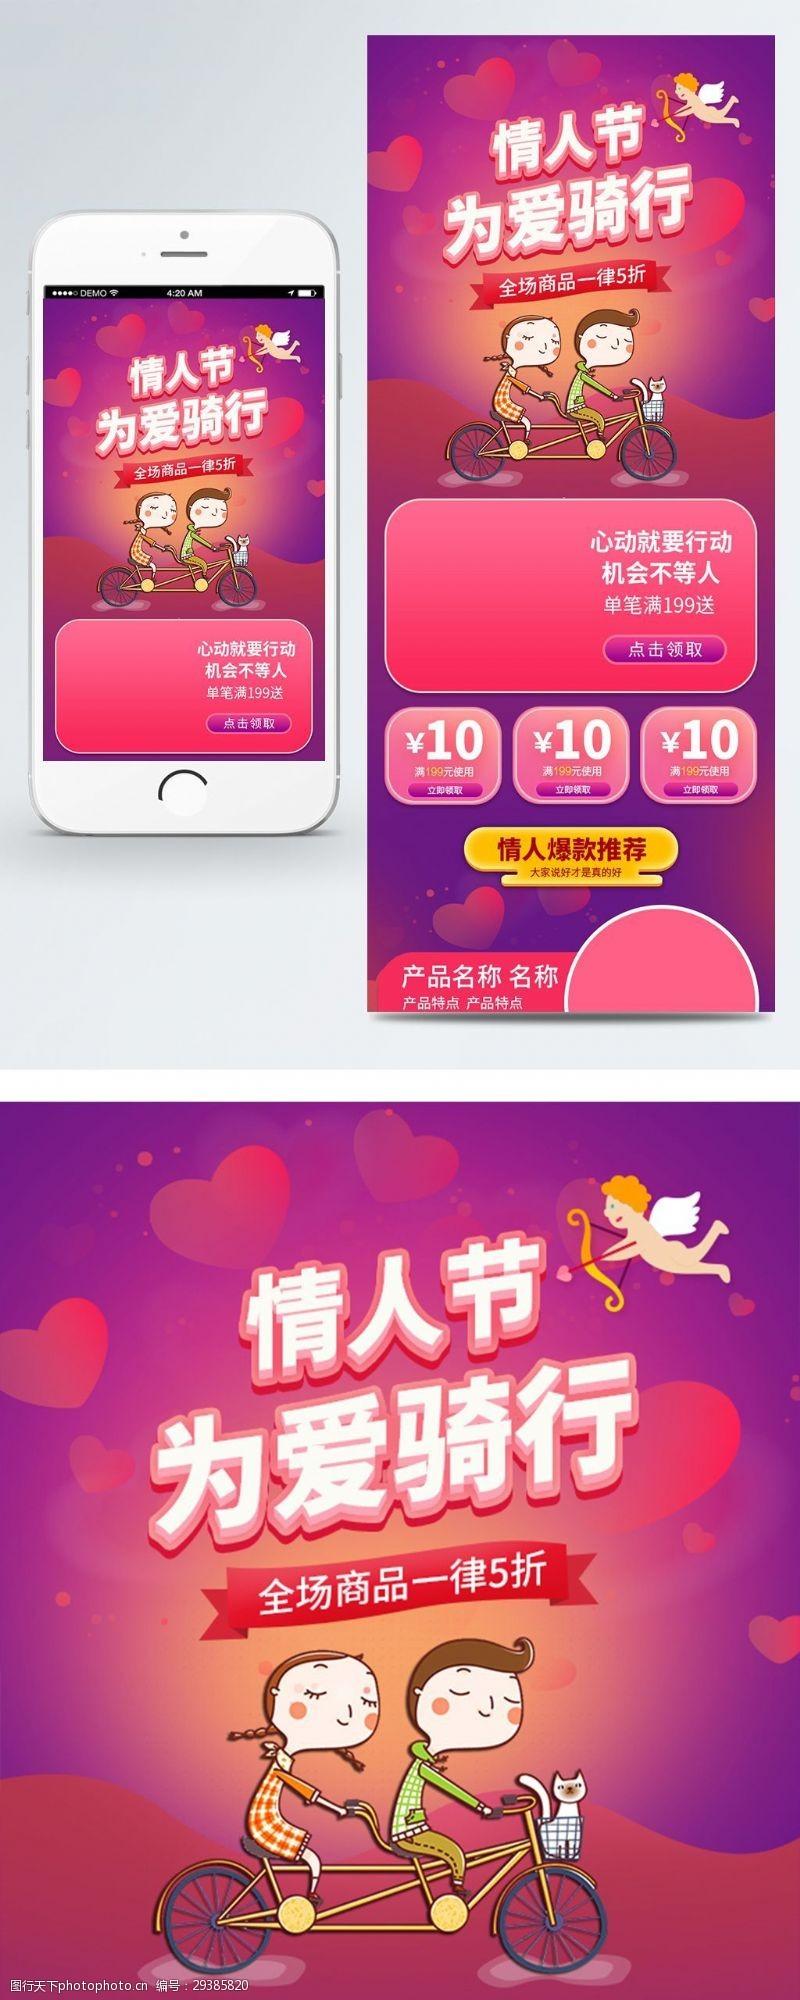 情侣模板电商淘宝情人节促销暗红立体字体首页模板